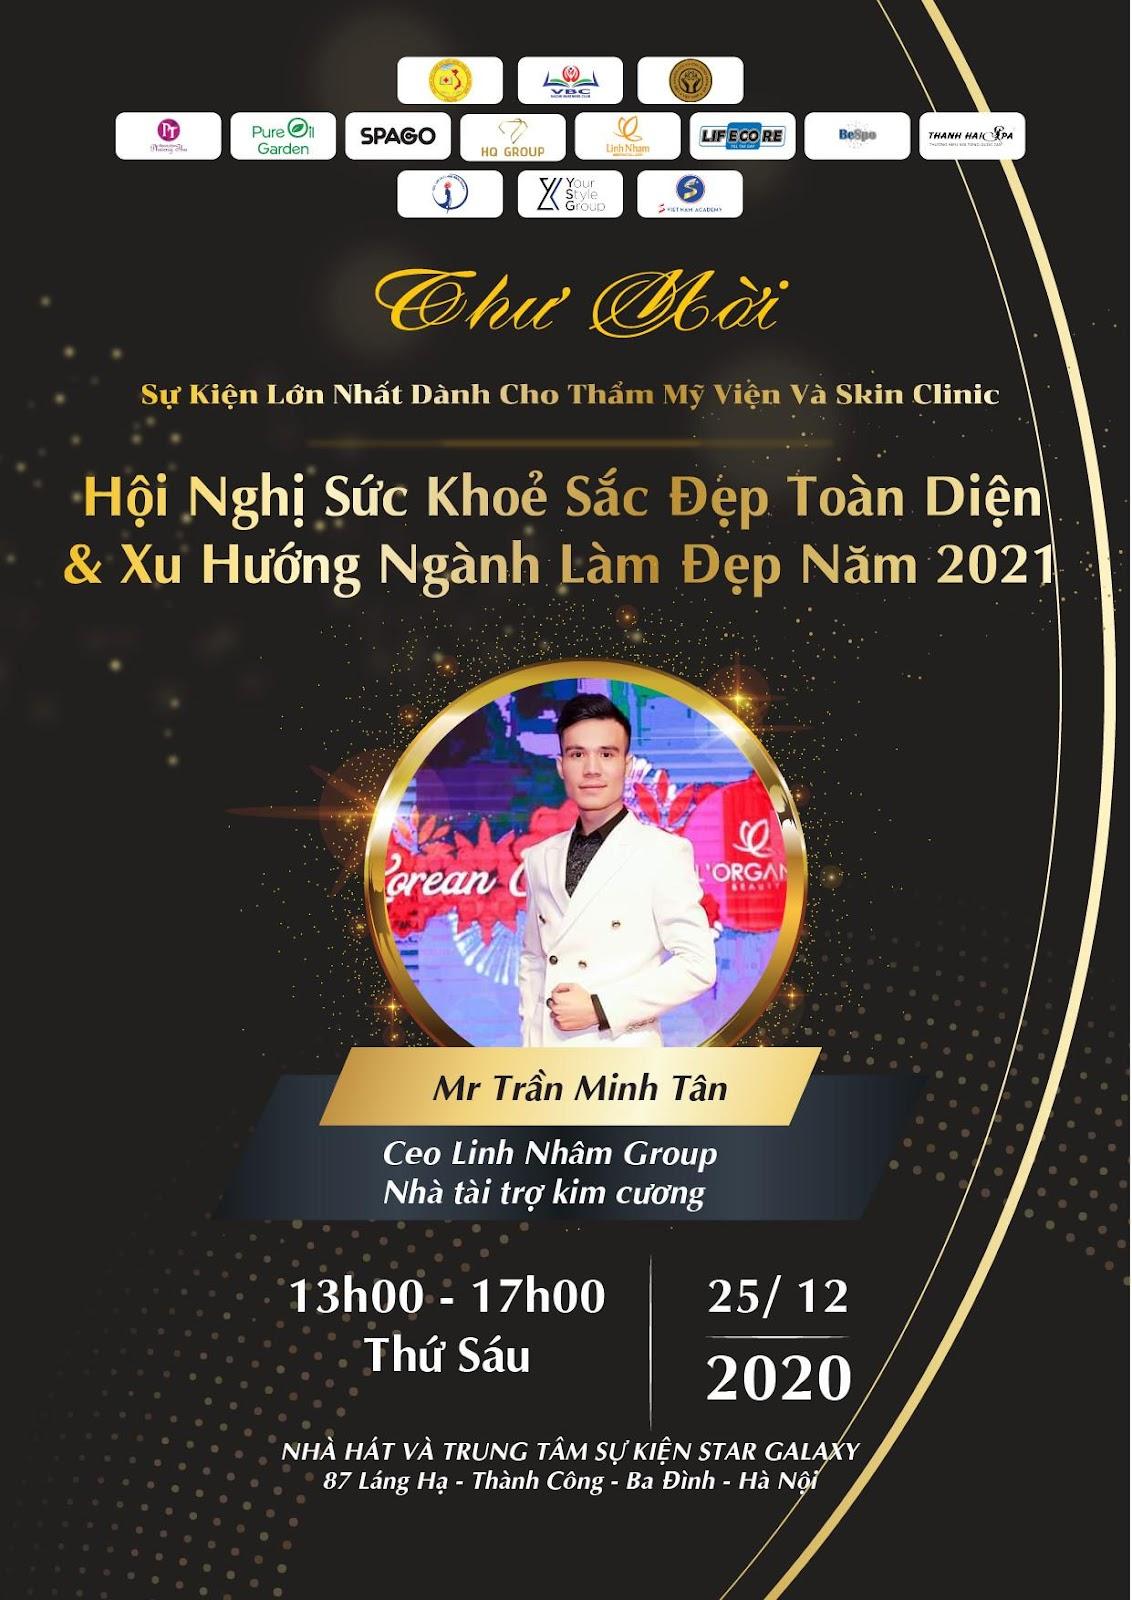 Linh Nham Group – Nhà tài trợ Kim cương tại Hội nghị sức khỏe sắc đẹp toàn diện và xu hướng ngành làm đẹp 2021 - Ảnh 7